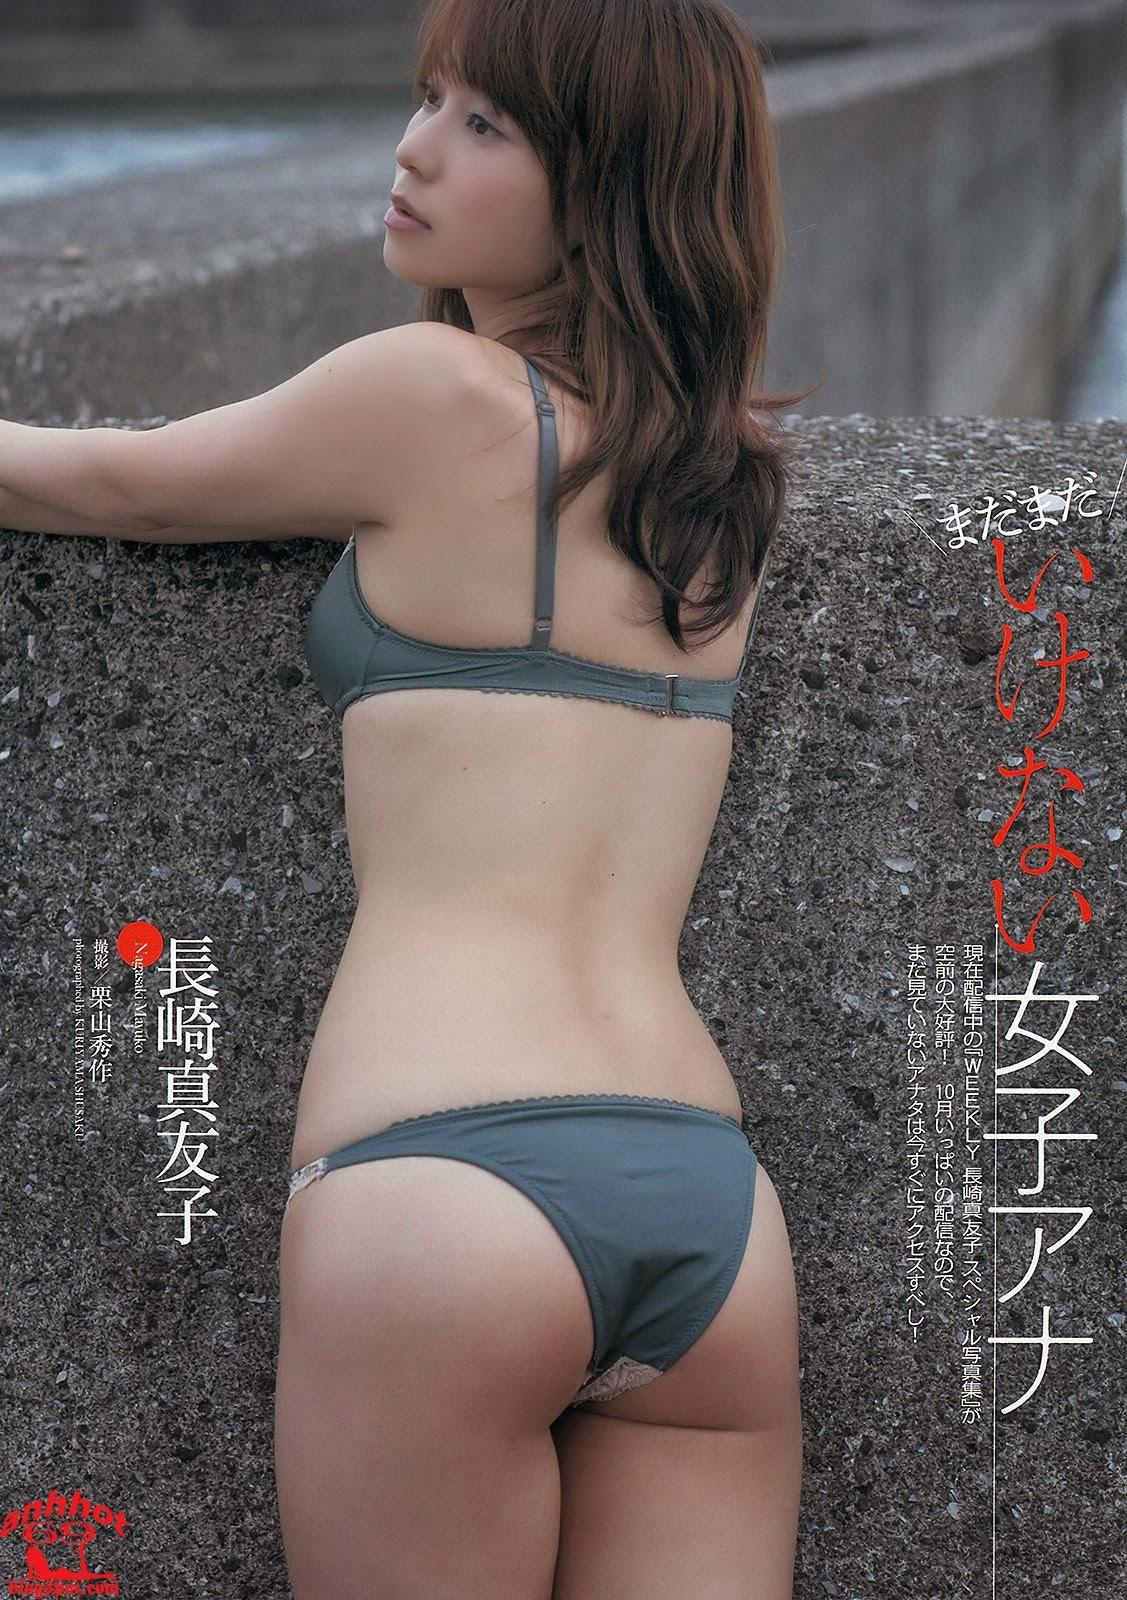 mayuko-nagasaki-02395852